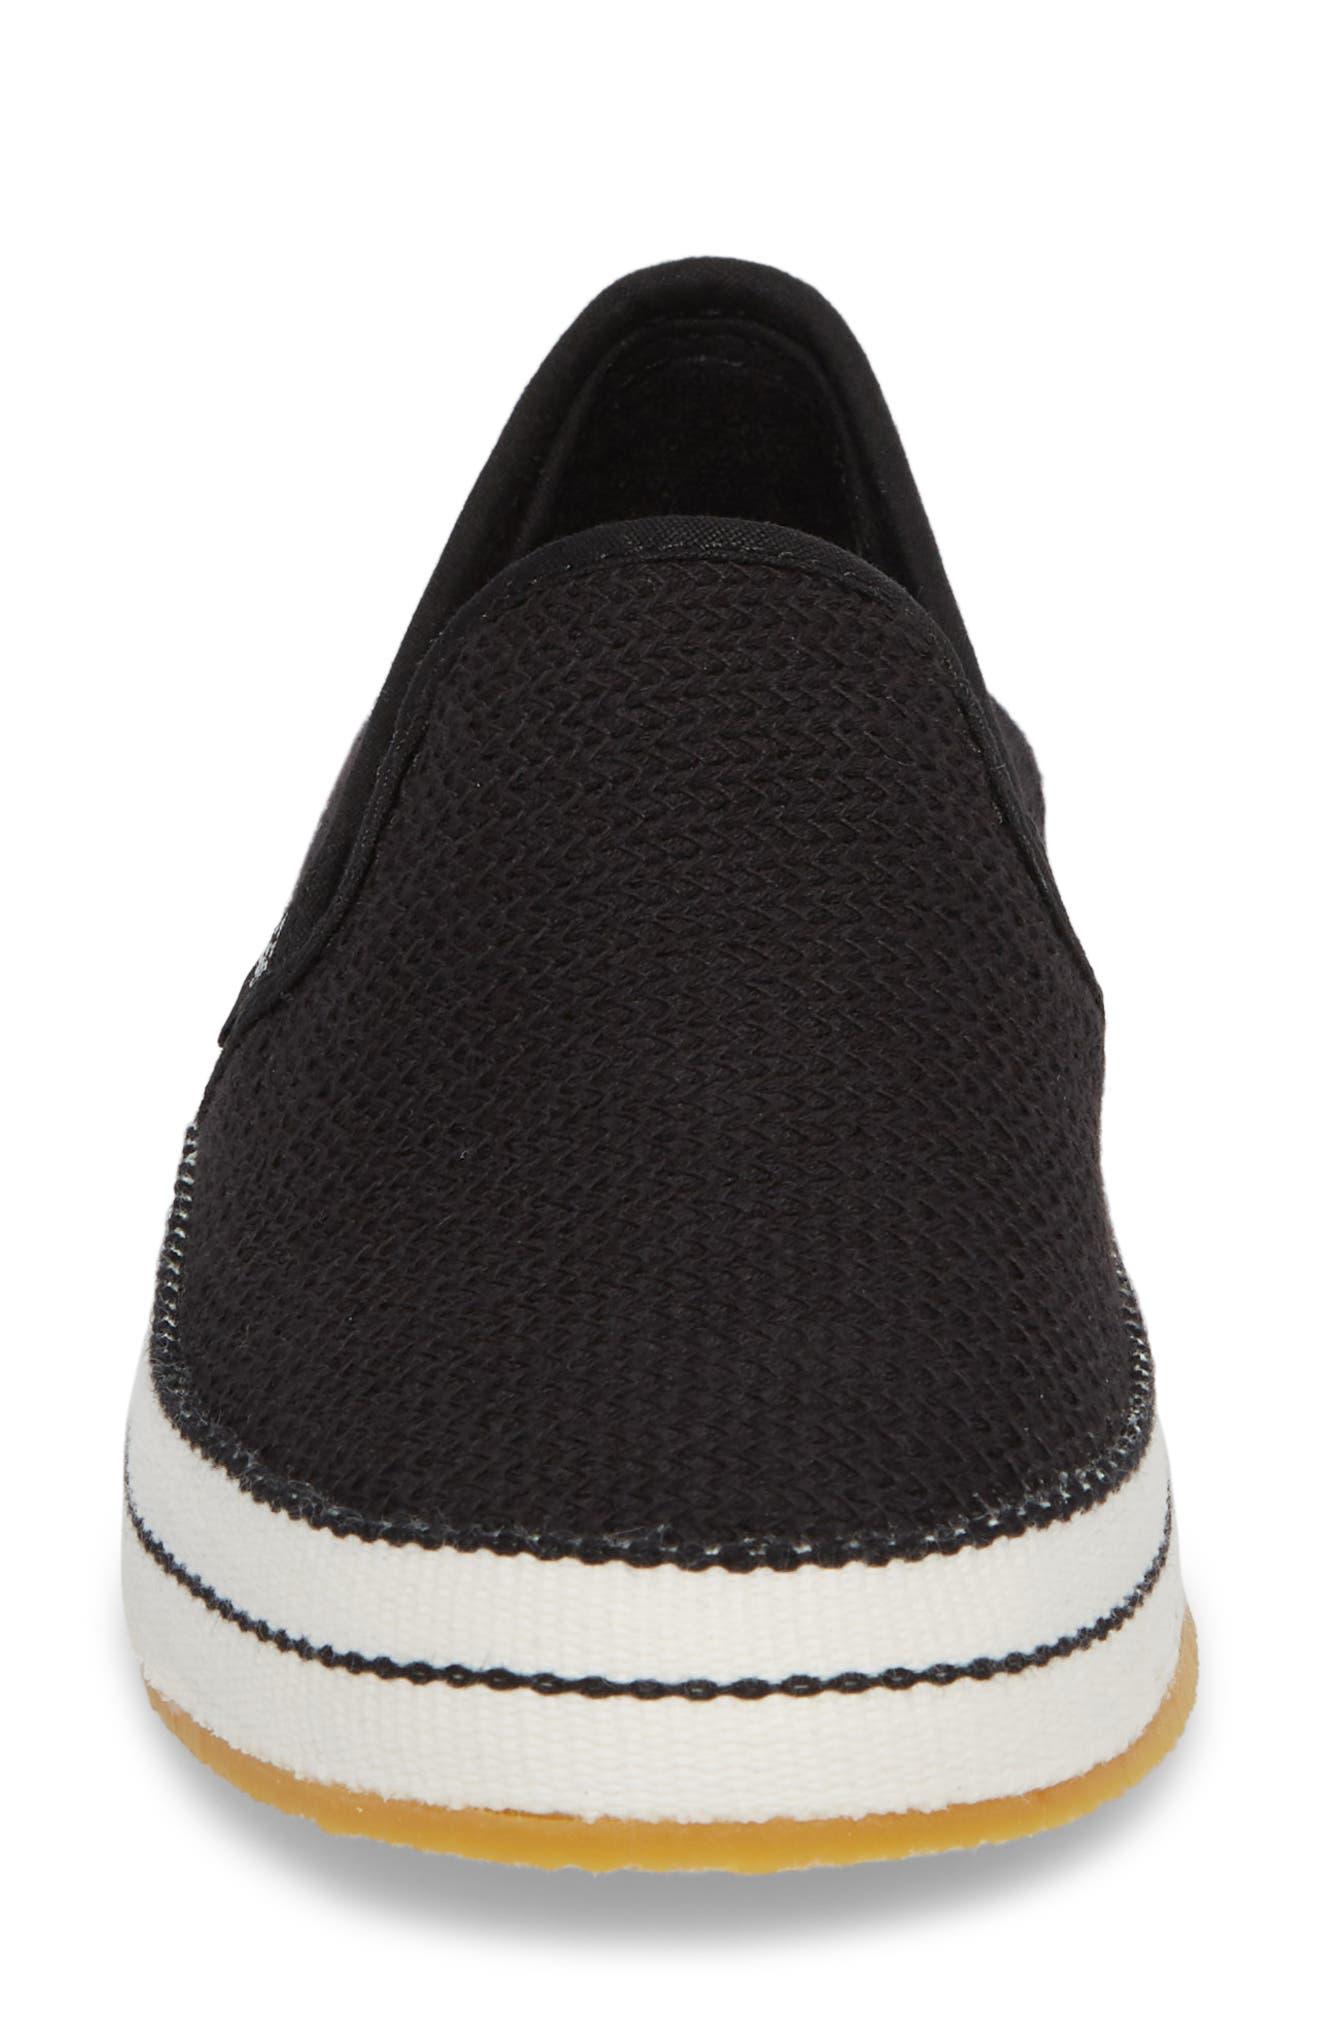 Bren Slip-On Sneaker,                             Alternate thumbnail 4, color,                             BLACK